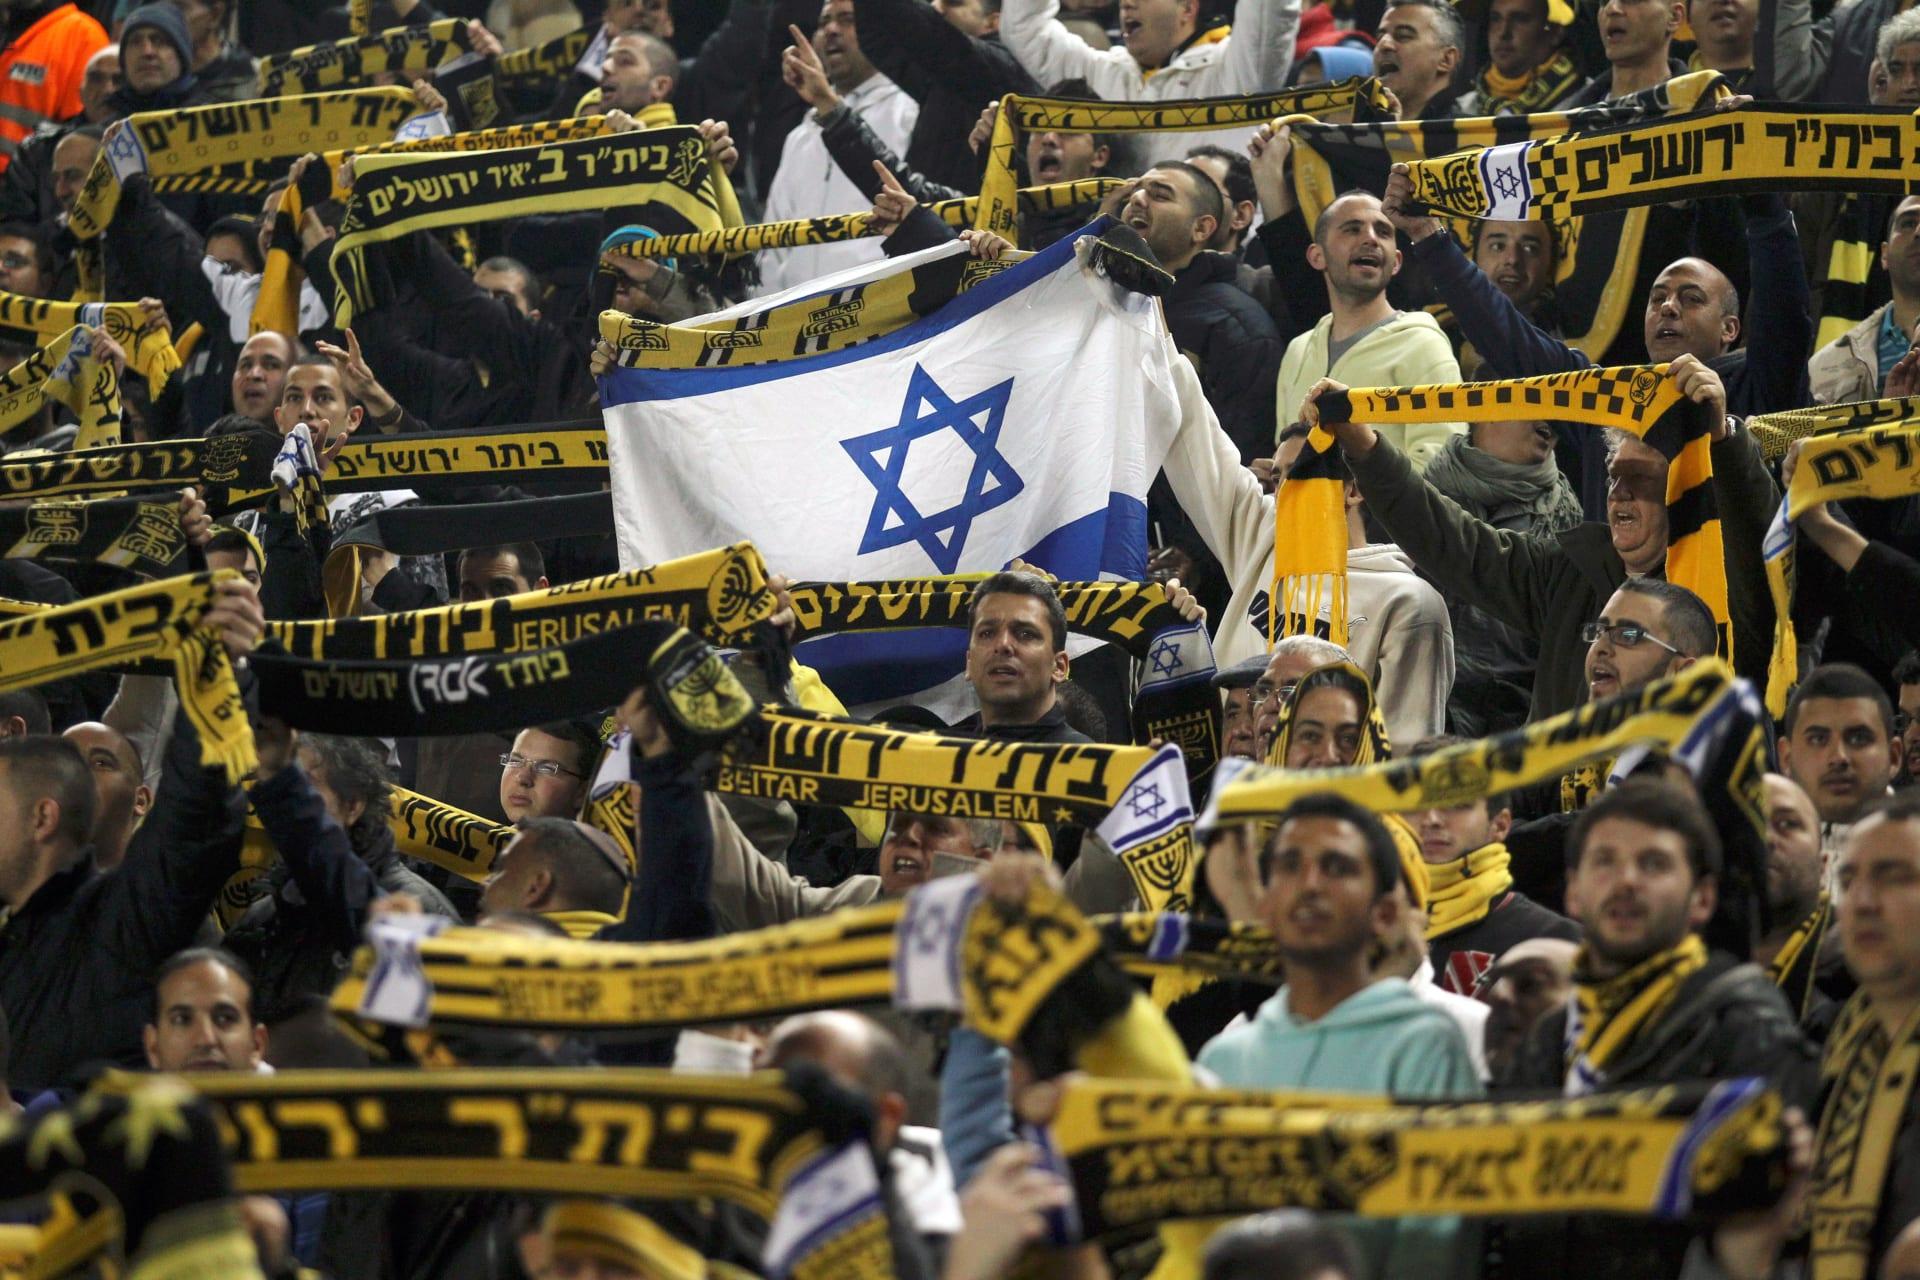 فريق كرة قدم إسرائيلي يغير اسمه ليحمل اسم الرئيس الأمريكي ترامب